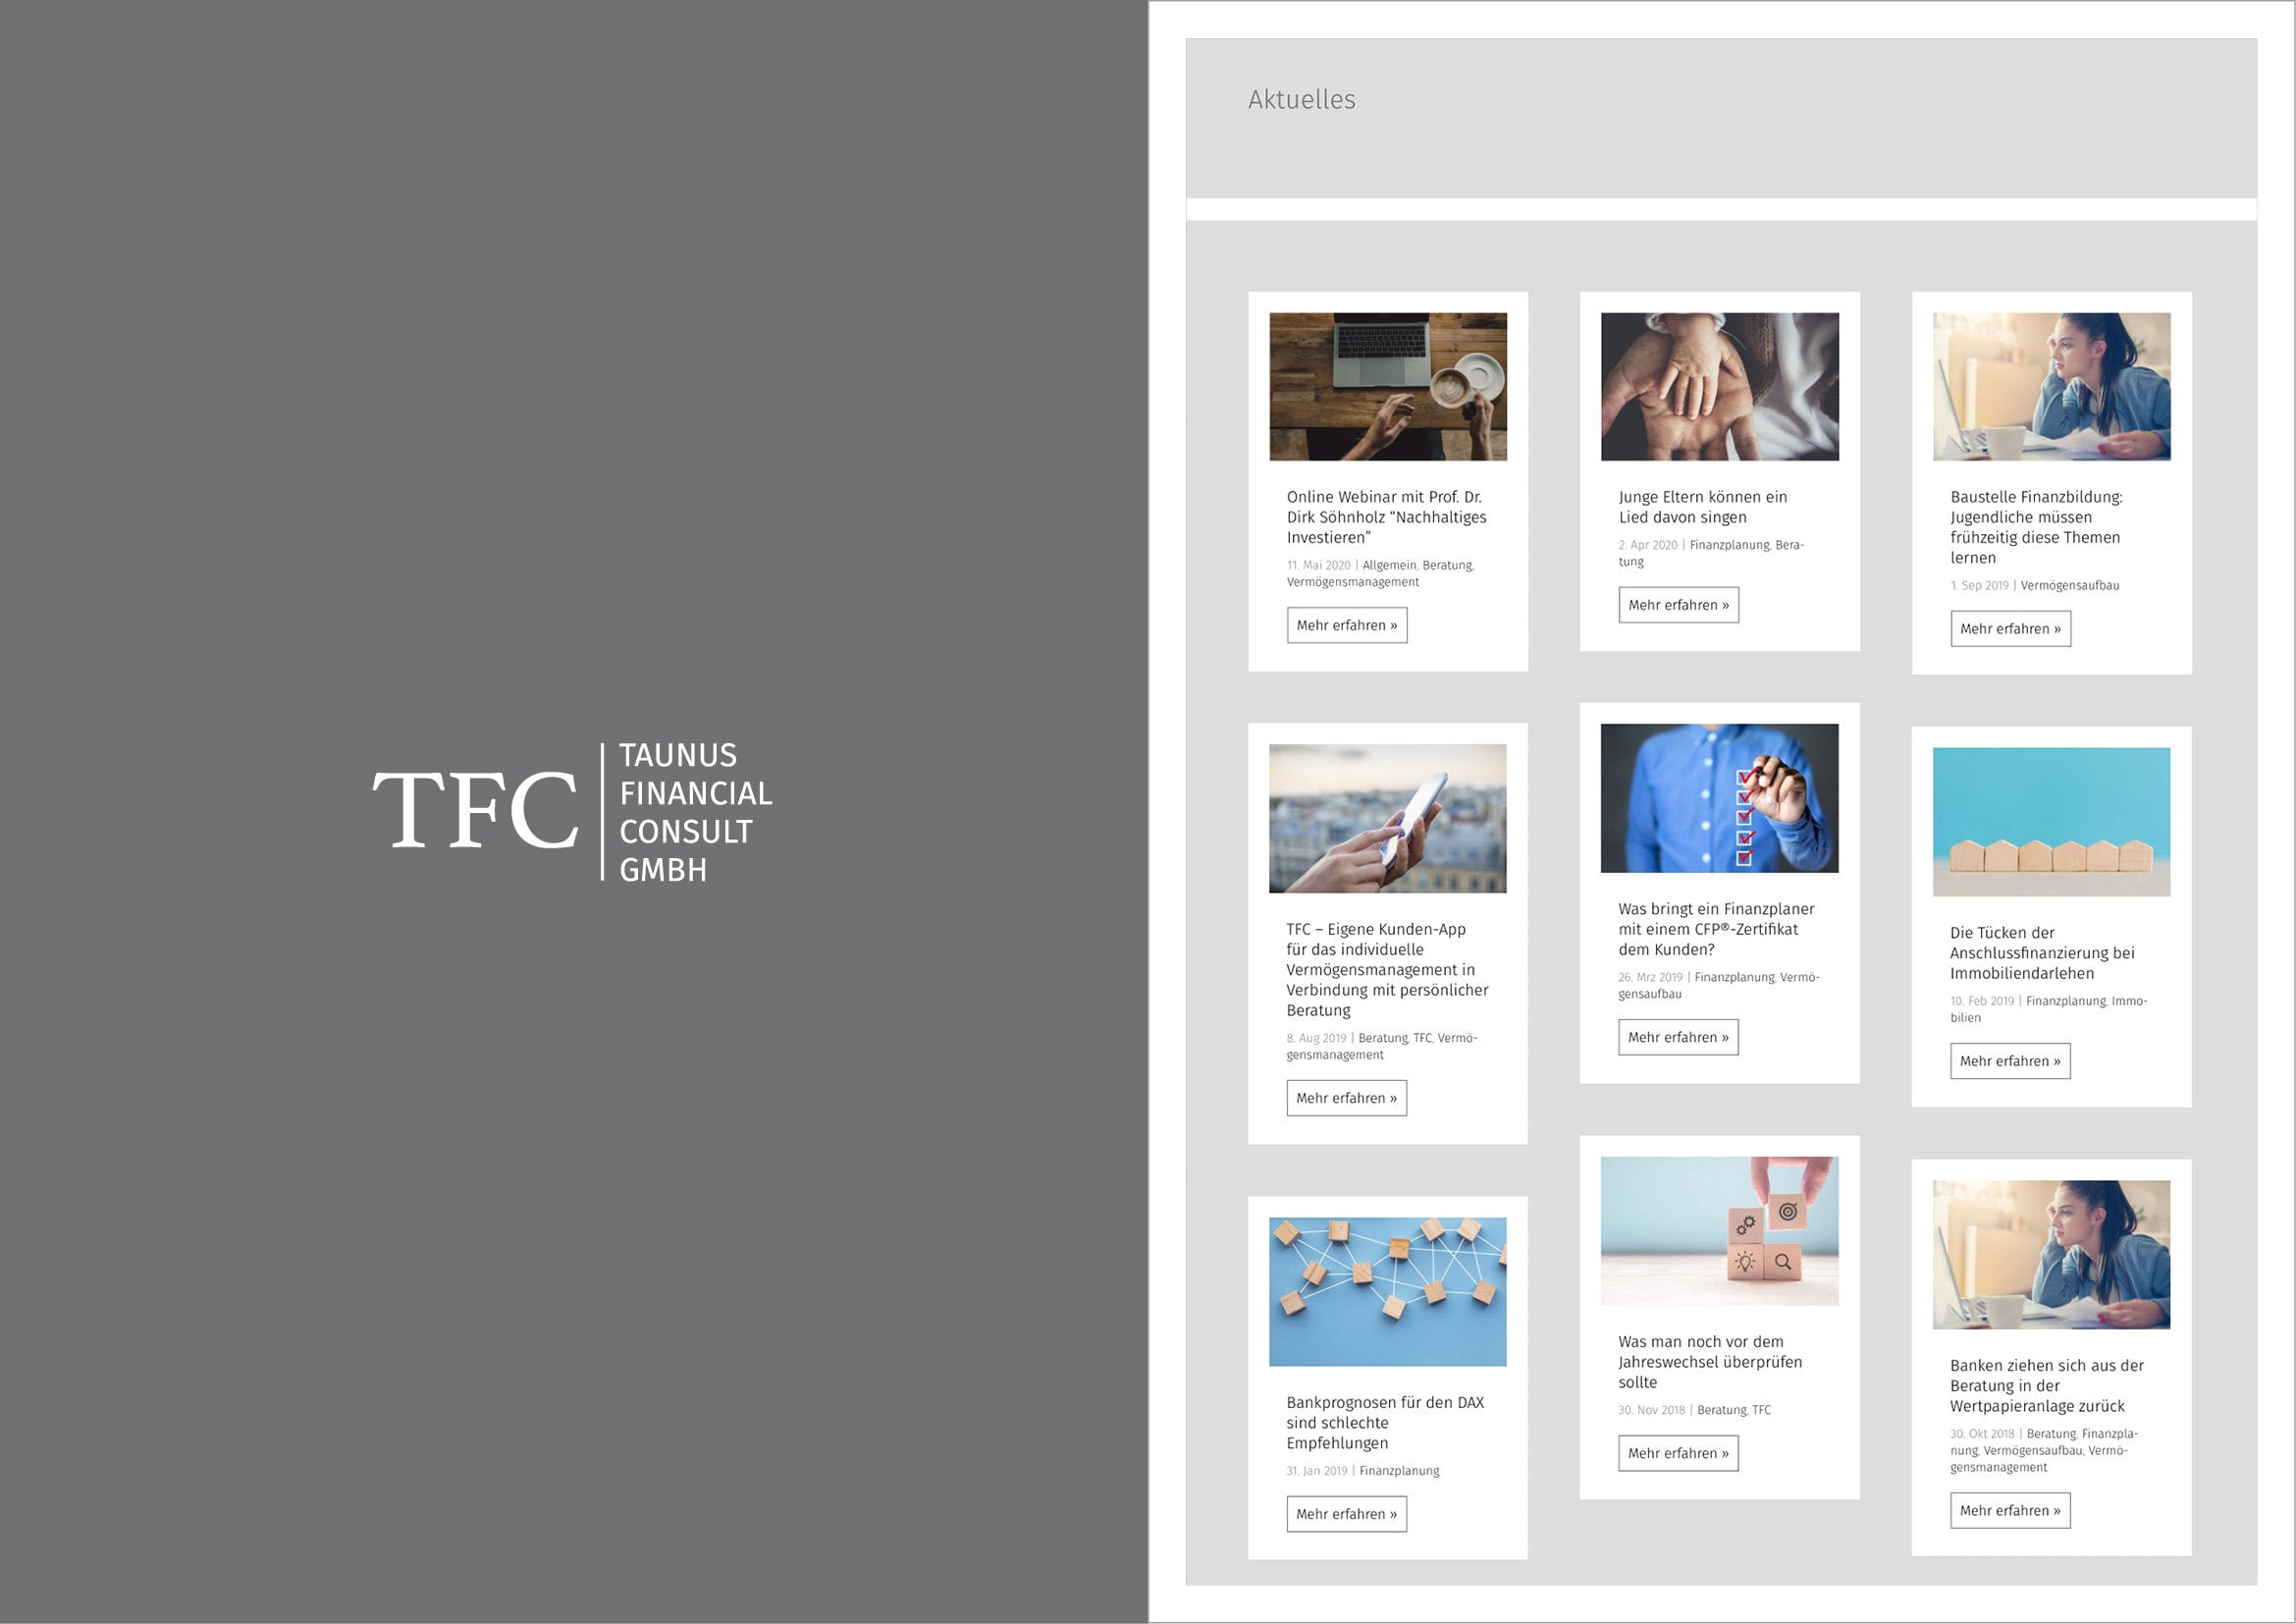 Homepage Entwicklung für die unabhängige und eigentümergeführte Vermögensplanungsgesellschaft TFC Taunus Financial Consult GmbH durch Webdesigner Ronald Wissler Frankfurt